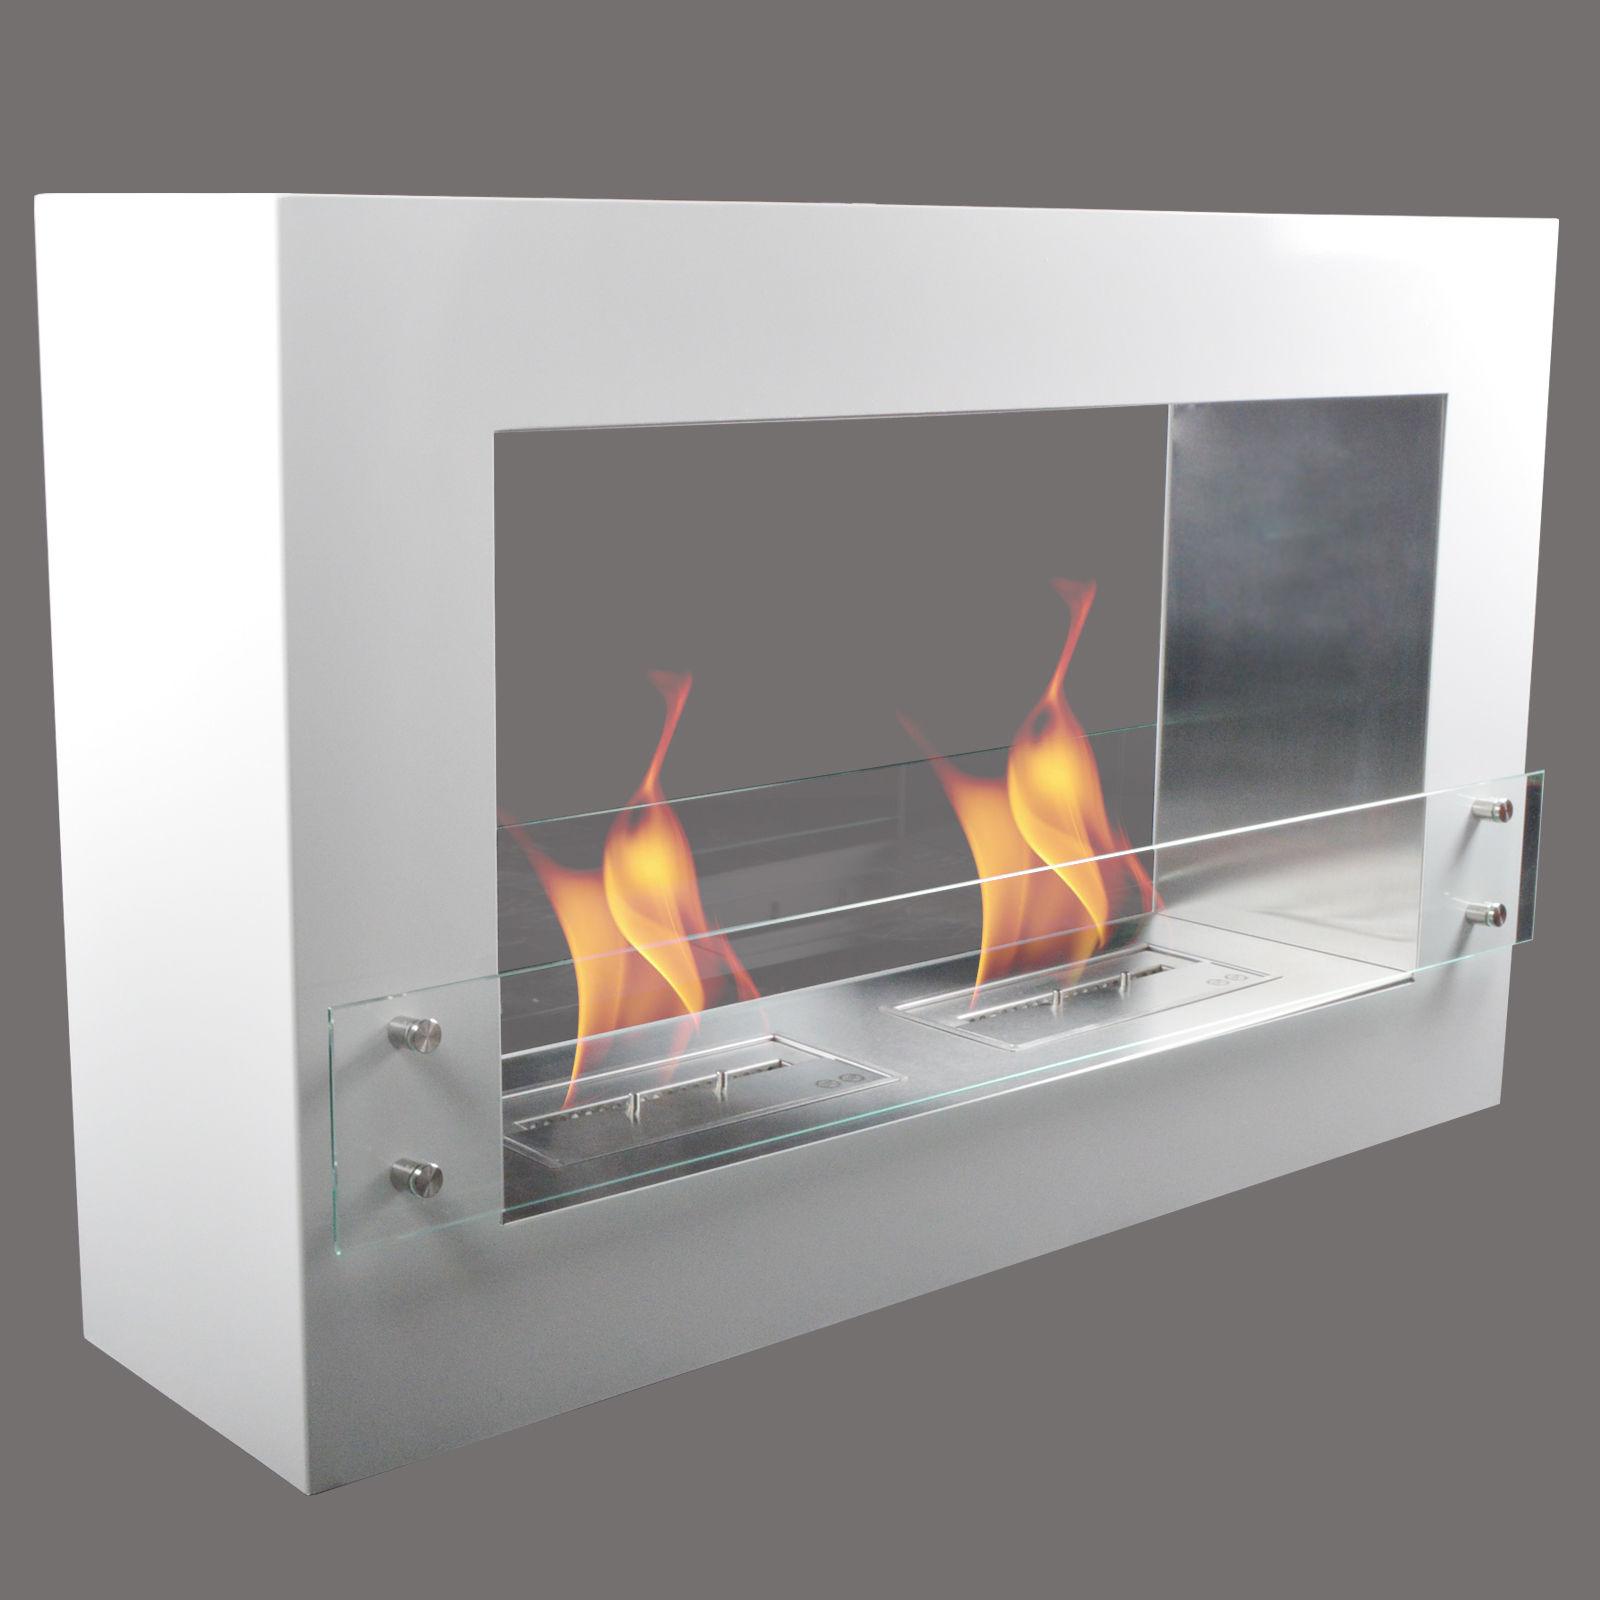 Kamin chimenea de pared mesa etanol gel c mara quemado - Chimenea bioetanol pared ...